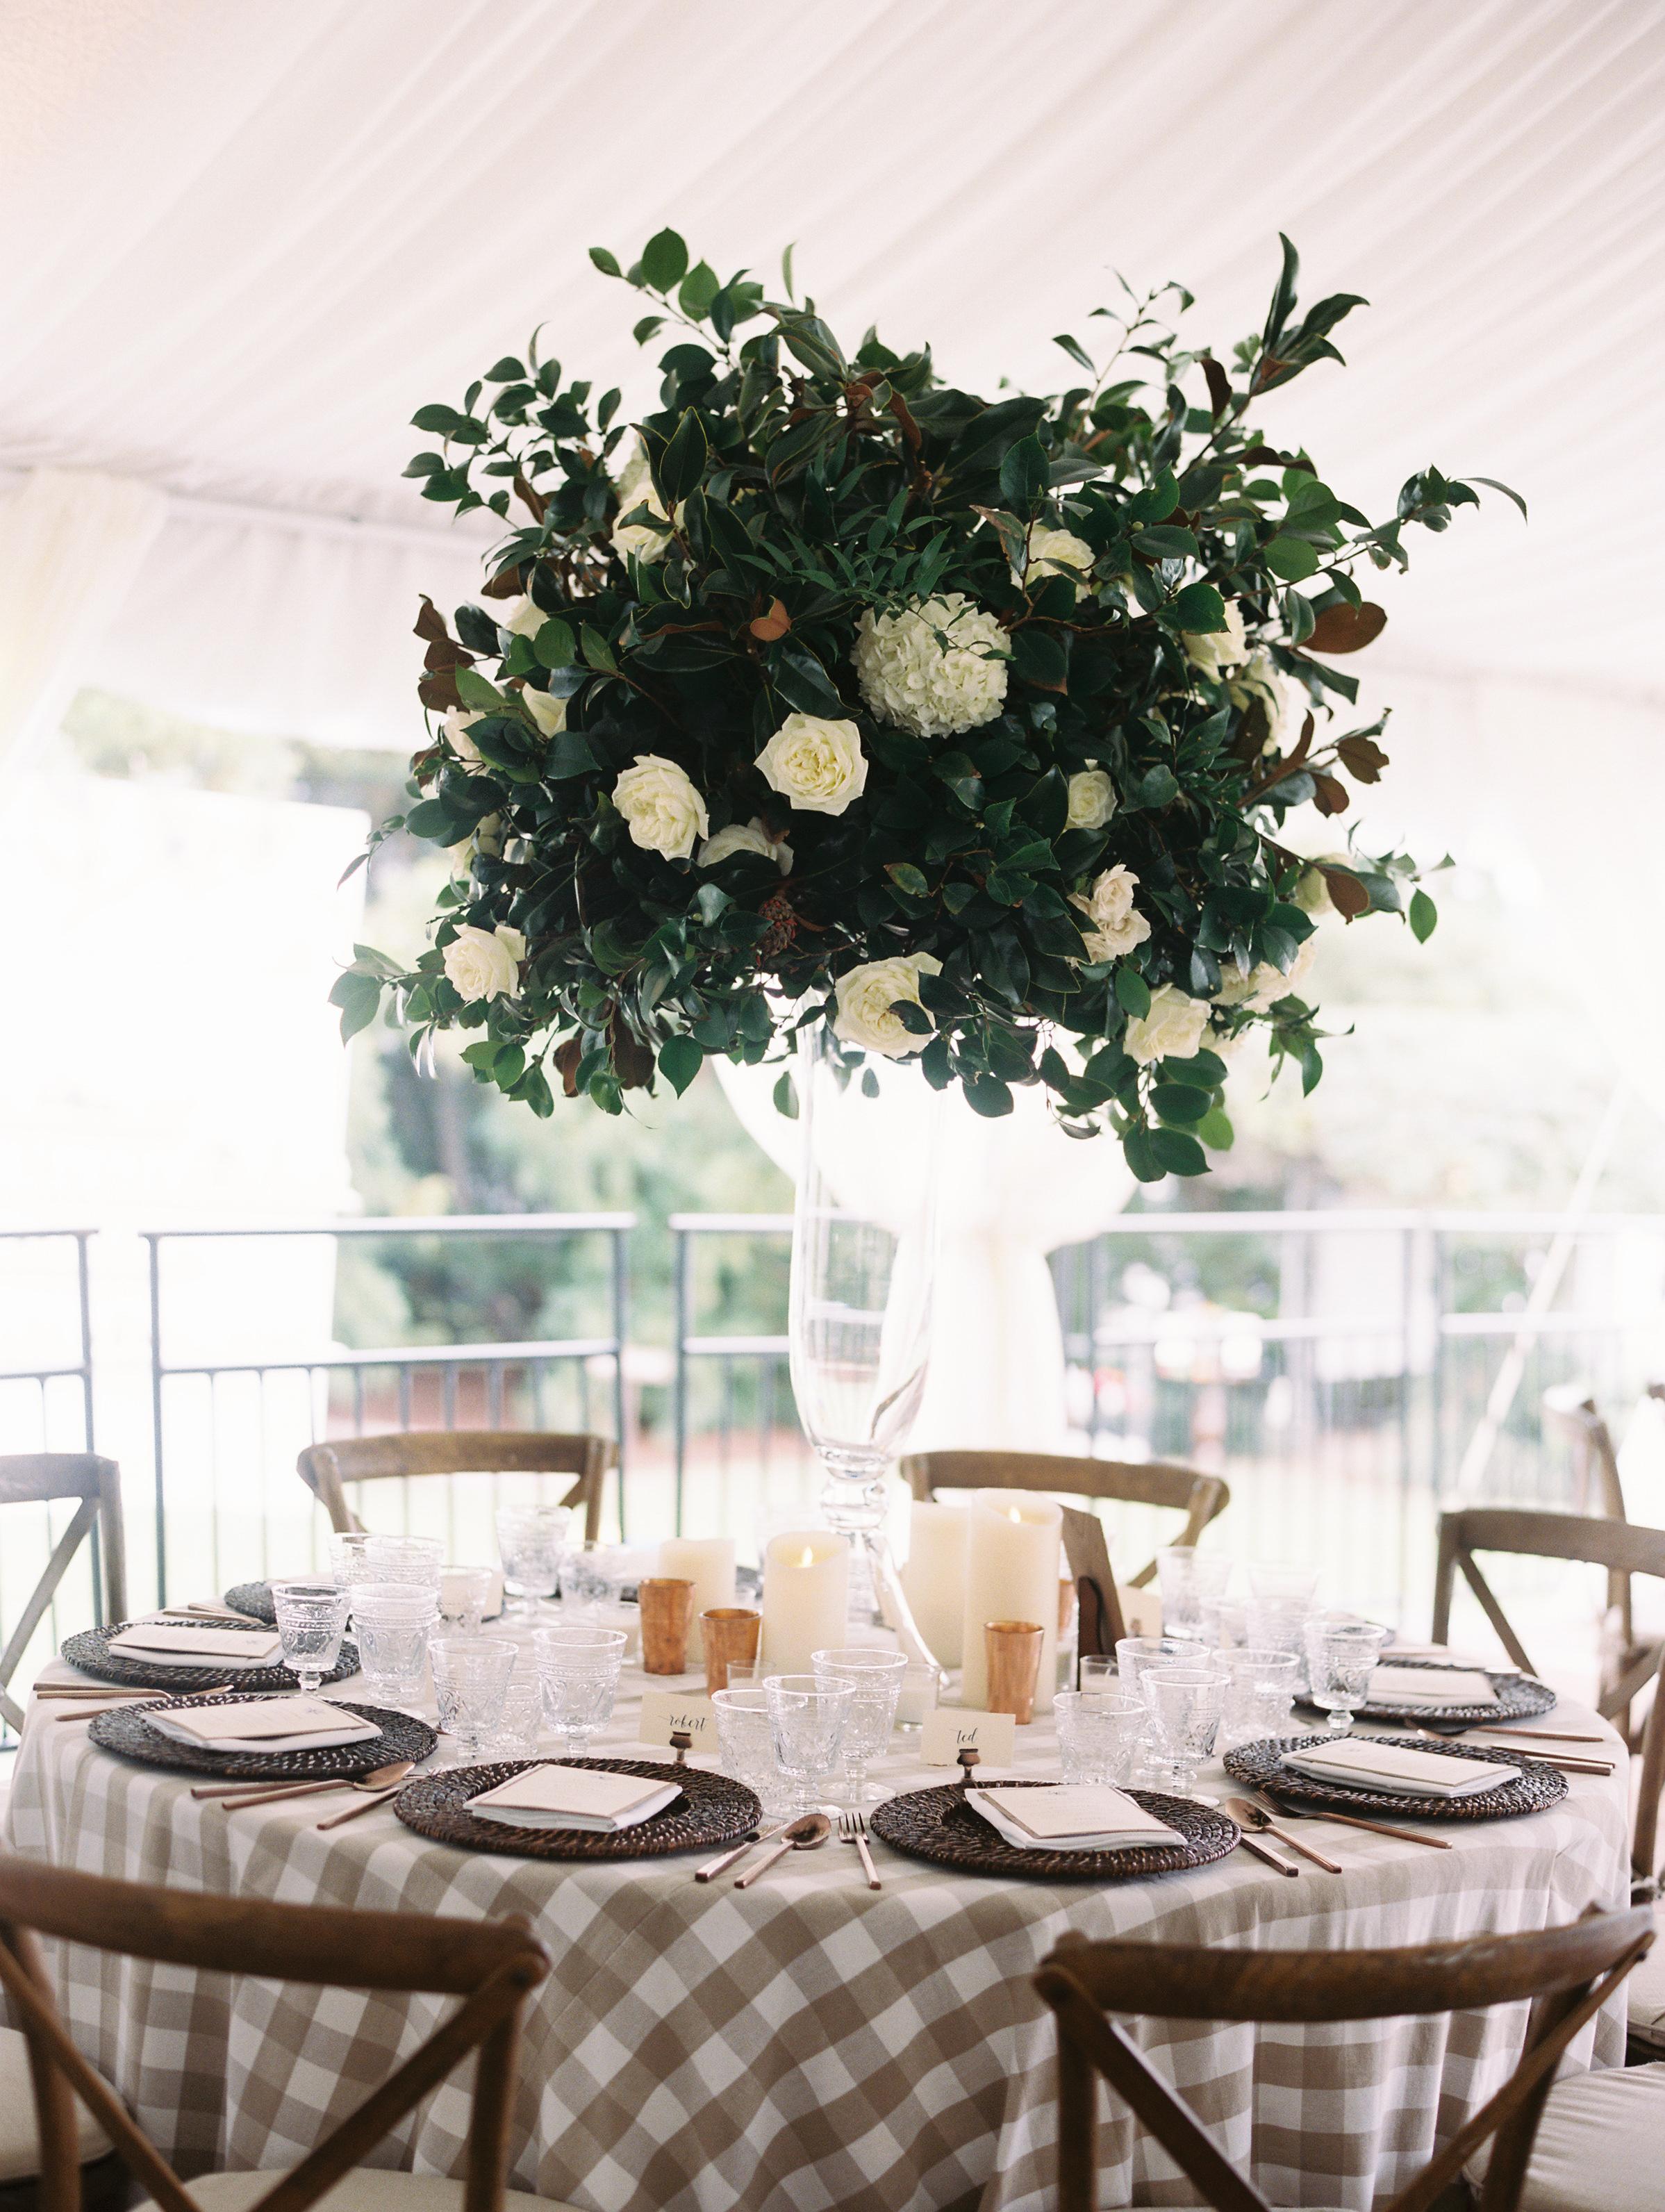 kendall nick wedding table